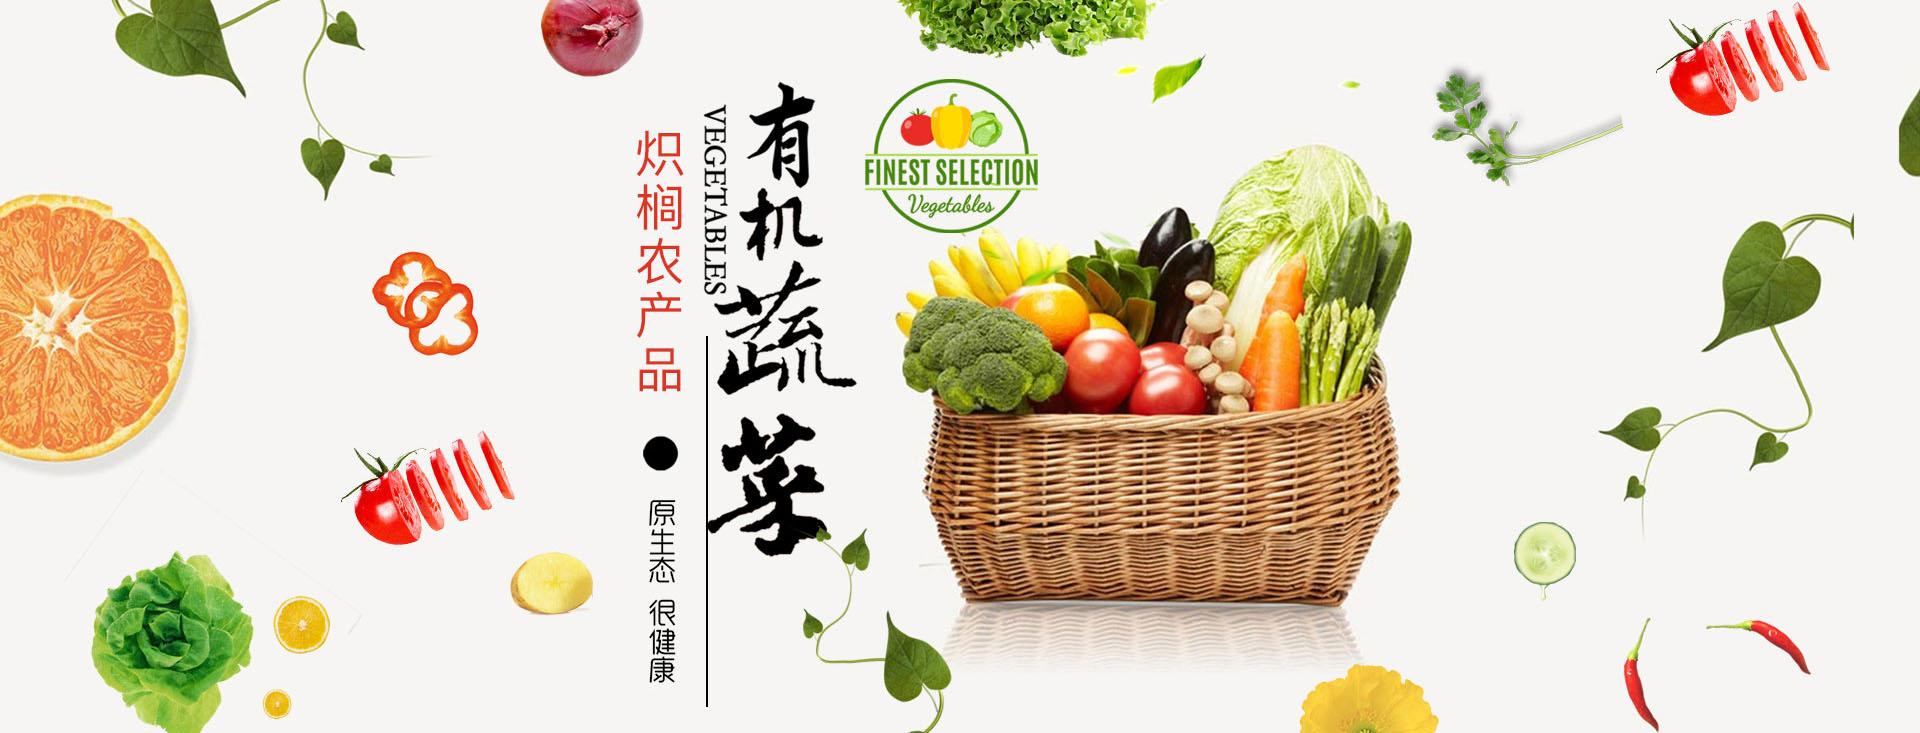 广西生鲜公司